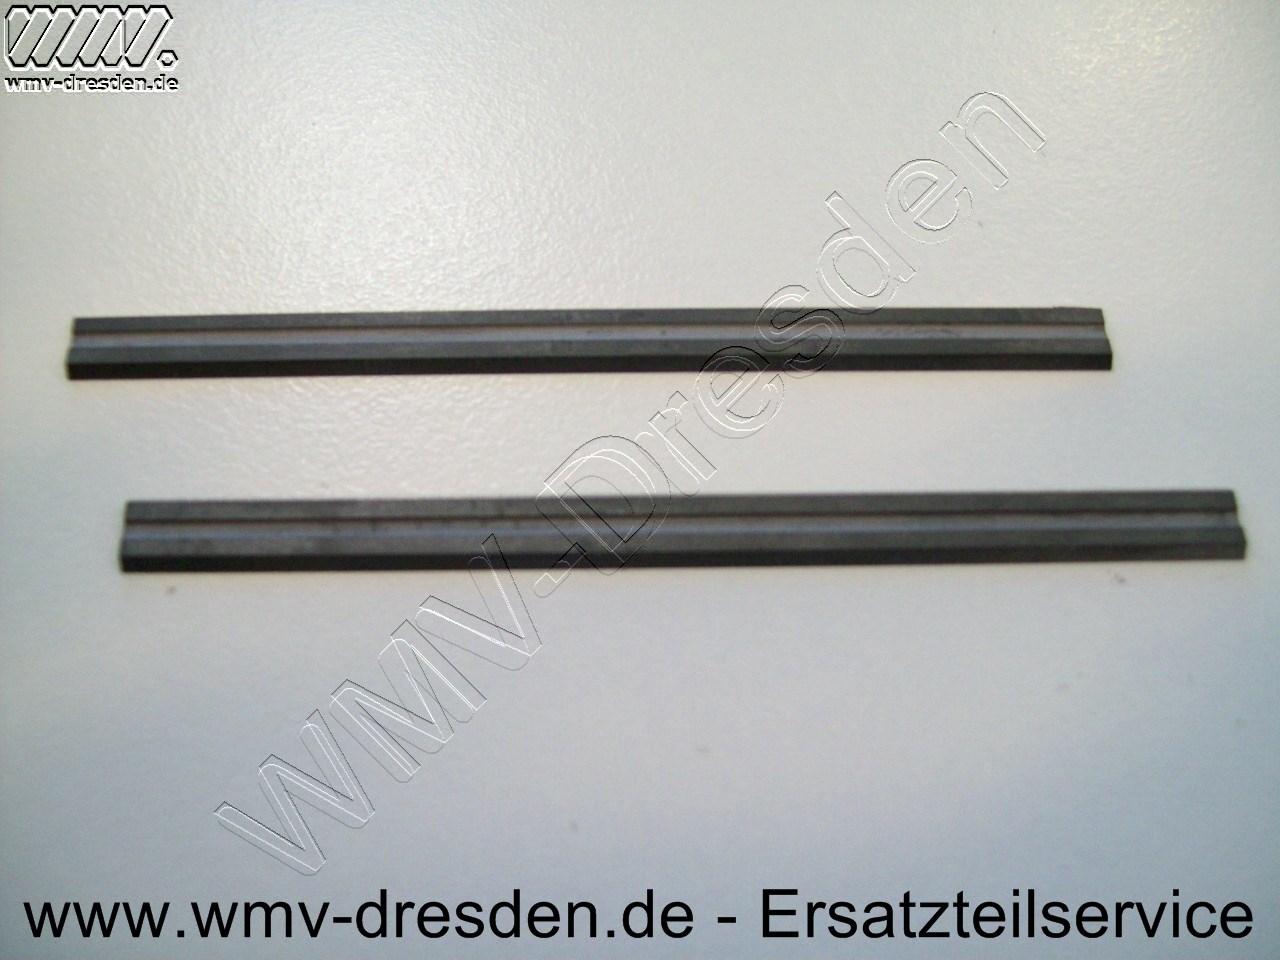 Hartmetall-Wendehobelmesserpaar 75,5 mm lang, 1,1 mm dick, 5,5 mm hoch, Führungsnut hinten (Rückennut)